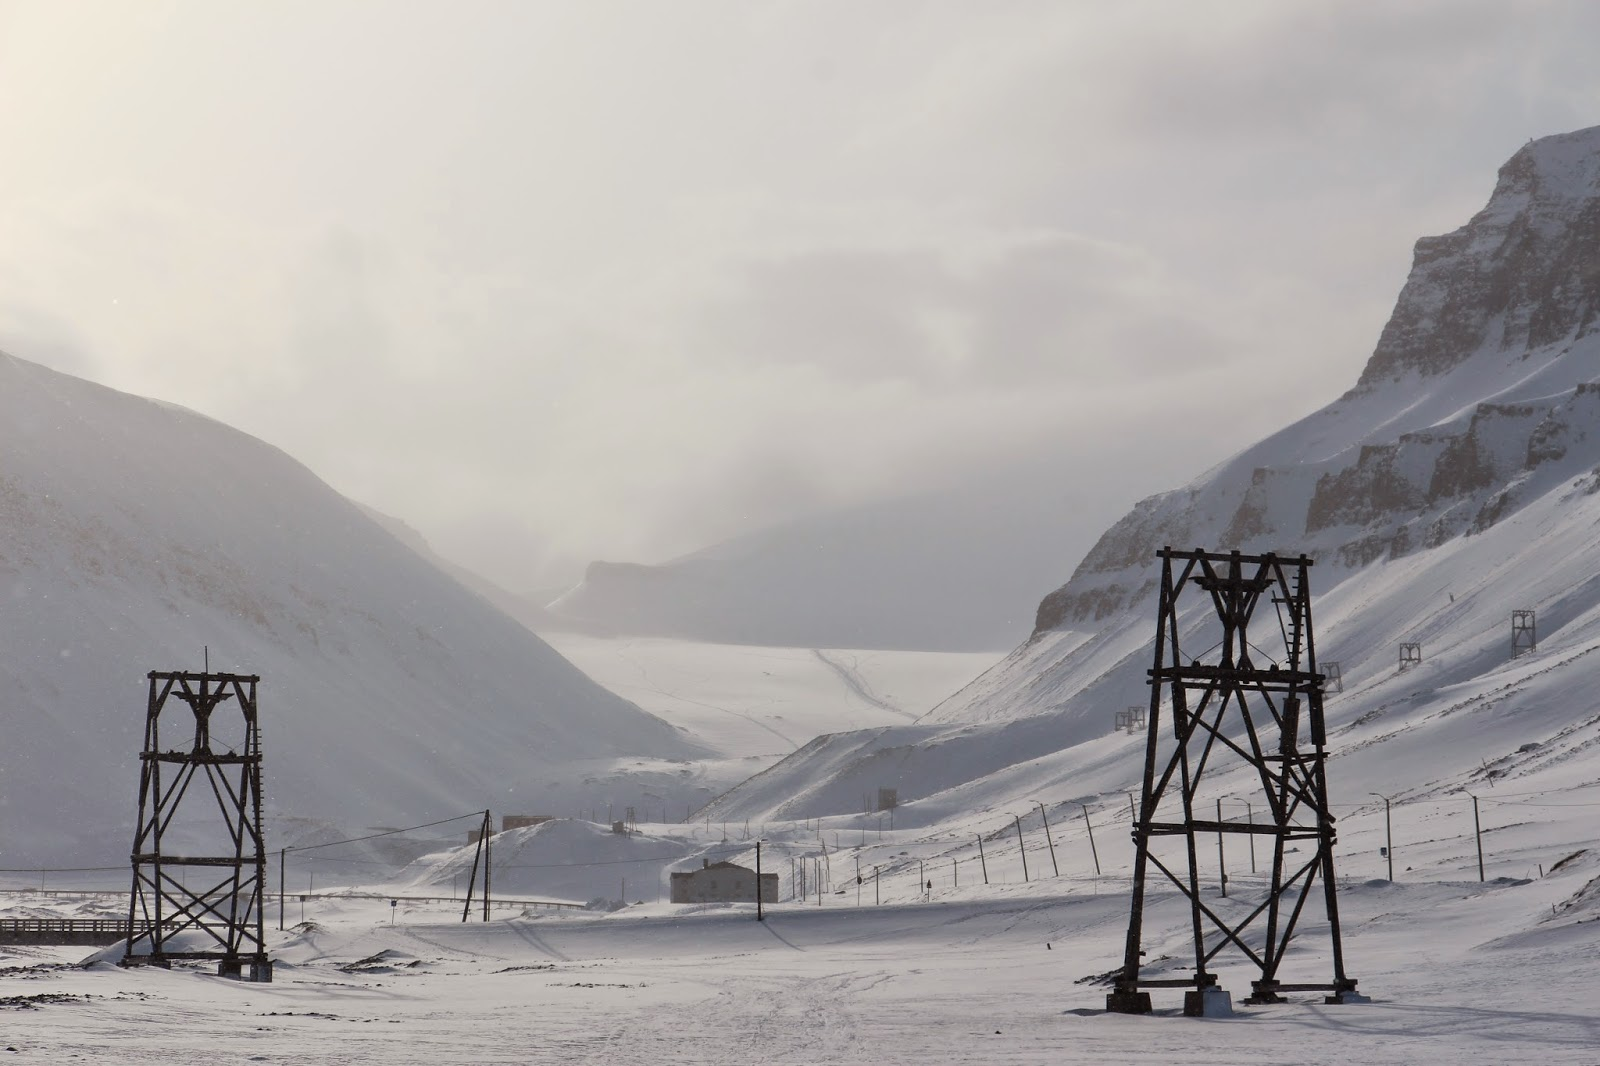 Visitar LONGYEARBYEN, nada mais a norte - A capital das ilhas Svalbard | Noruega